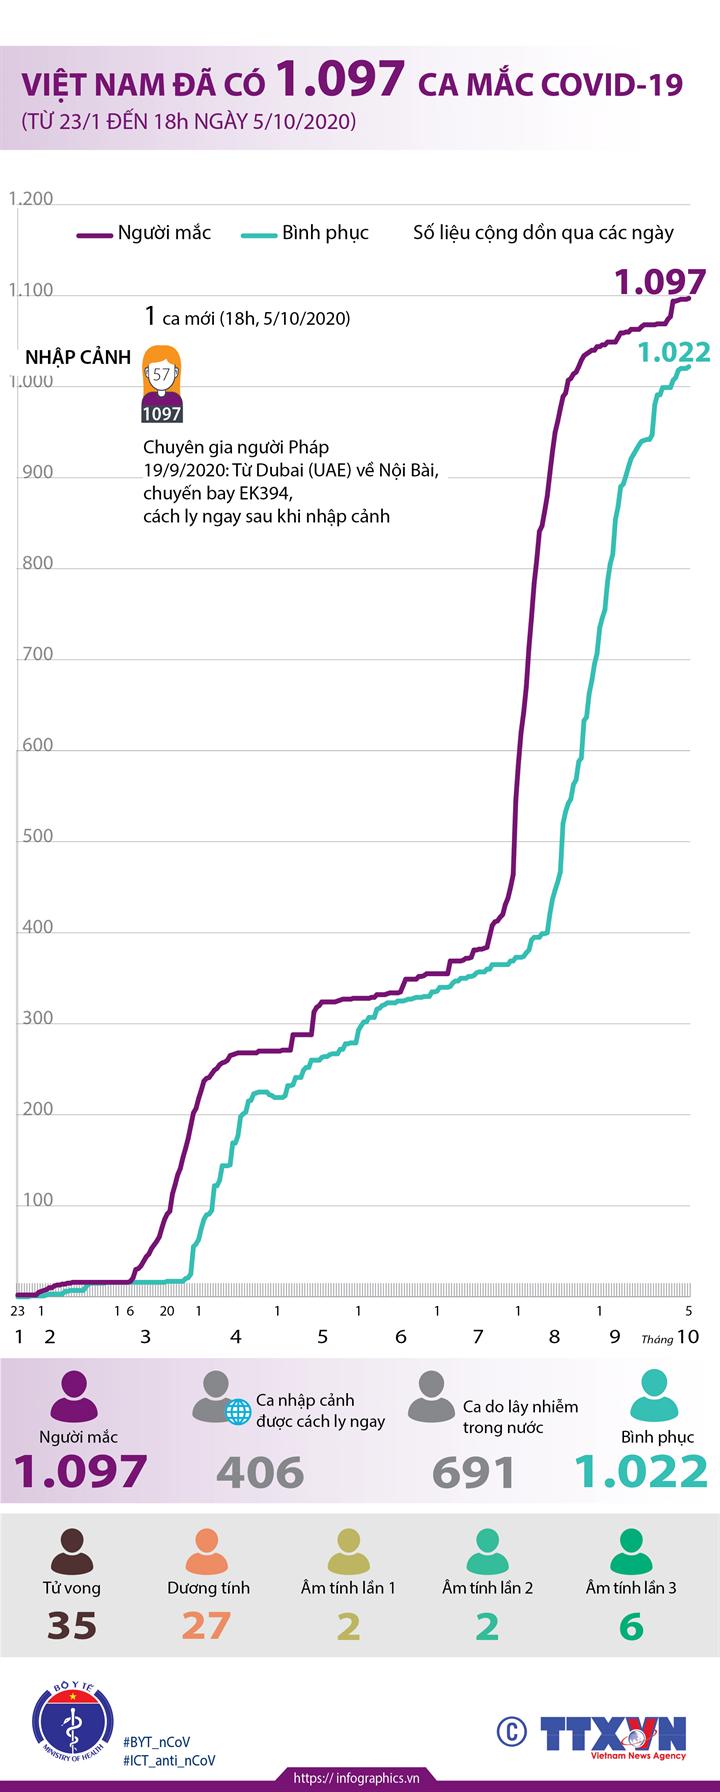 Việt Nam đã có 1.097 ca mắc COVID-19 (từ 23/1 đến 18h ngày 5/10/2020)